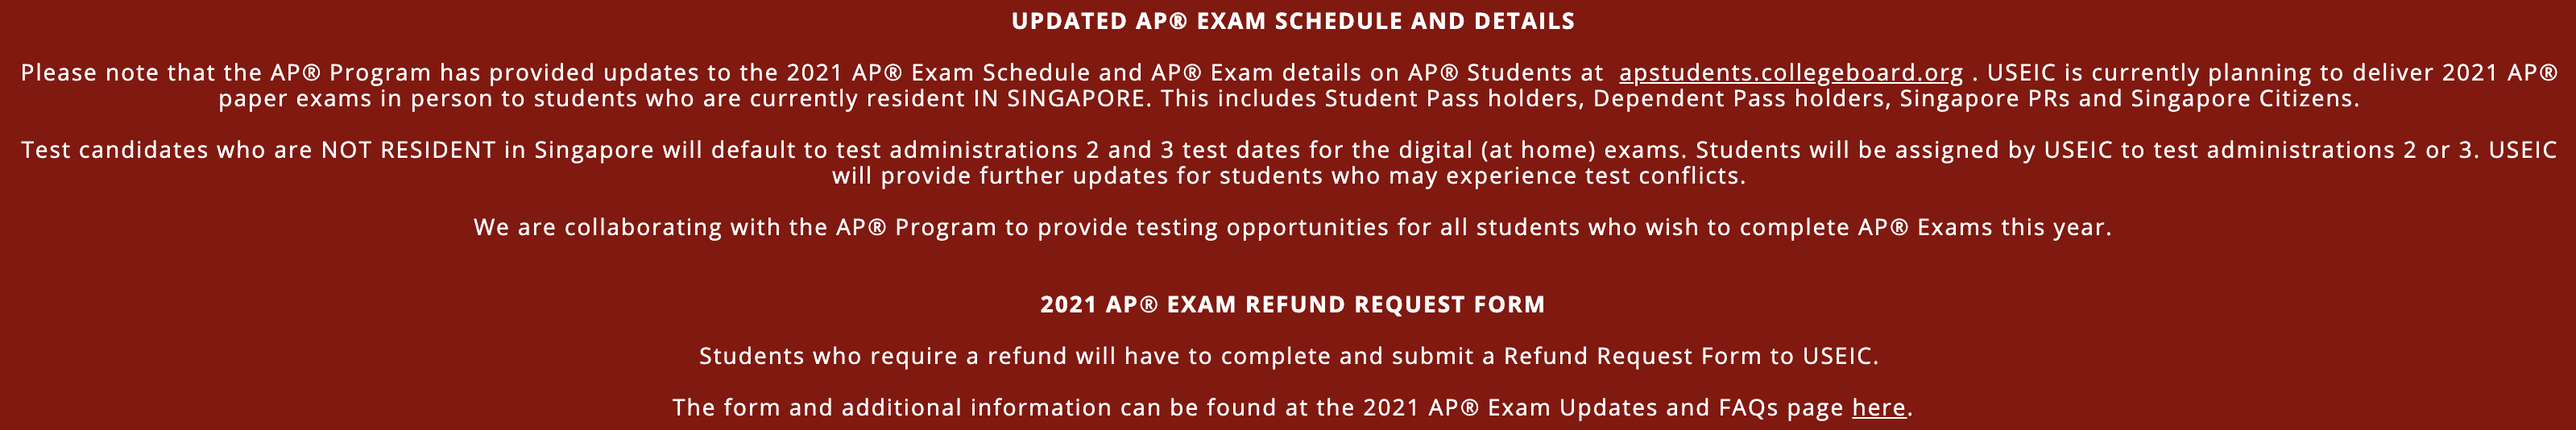 重磅官宣!2021年新加坡AP海外考生可线上家考|附AP考试缴费/退考流程及报名常见问题